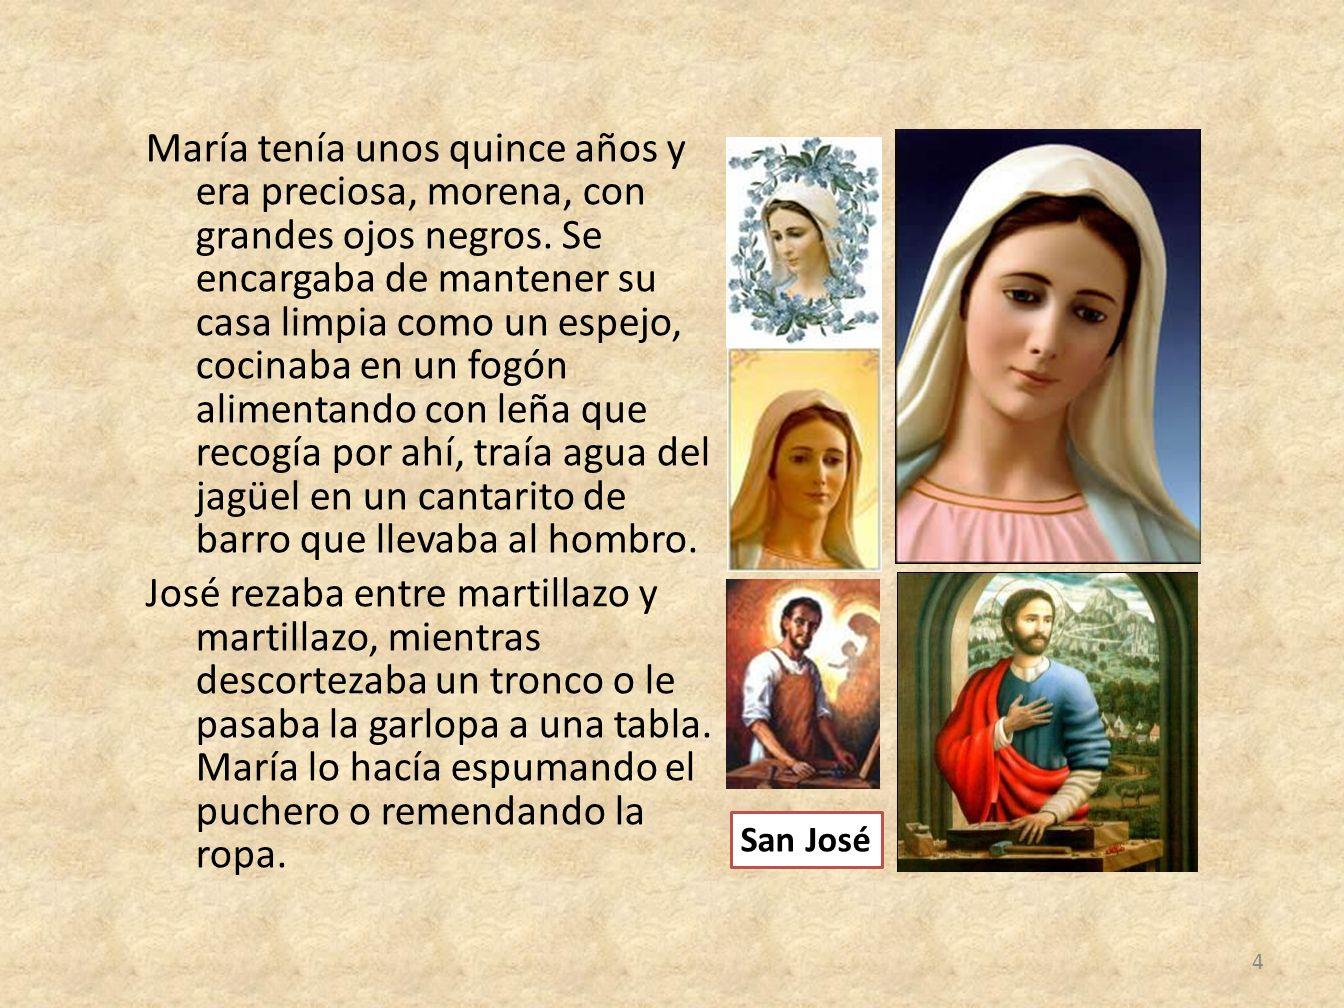 María tenía unos quince años y era preciosa, morena, con grandes ojos negros. Se encargaba de mantener su casa limpia como un espejo, cocinaba en un f